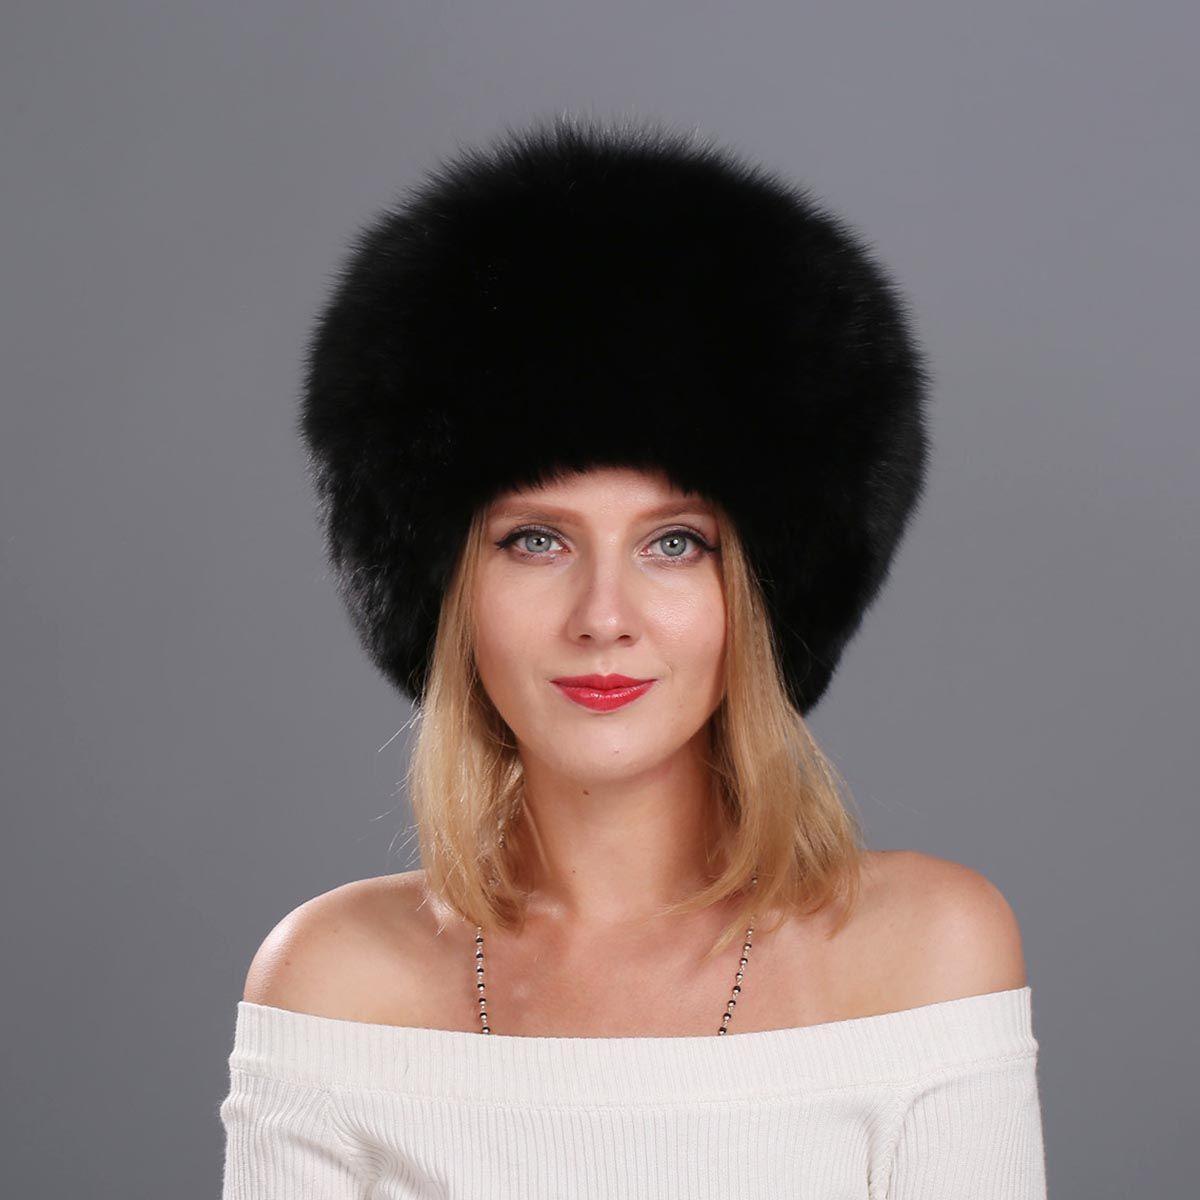 Cheap 2016 Genuino de Las Mujeres de Piel de Zorro Cap Gorros de Invierno  Ruso Sombrero de piel de 100% de piel de Zorro Auténtico Sombrero Negro  Blanco ... 38d88ed4332